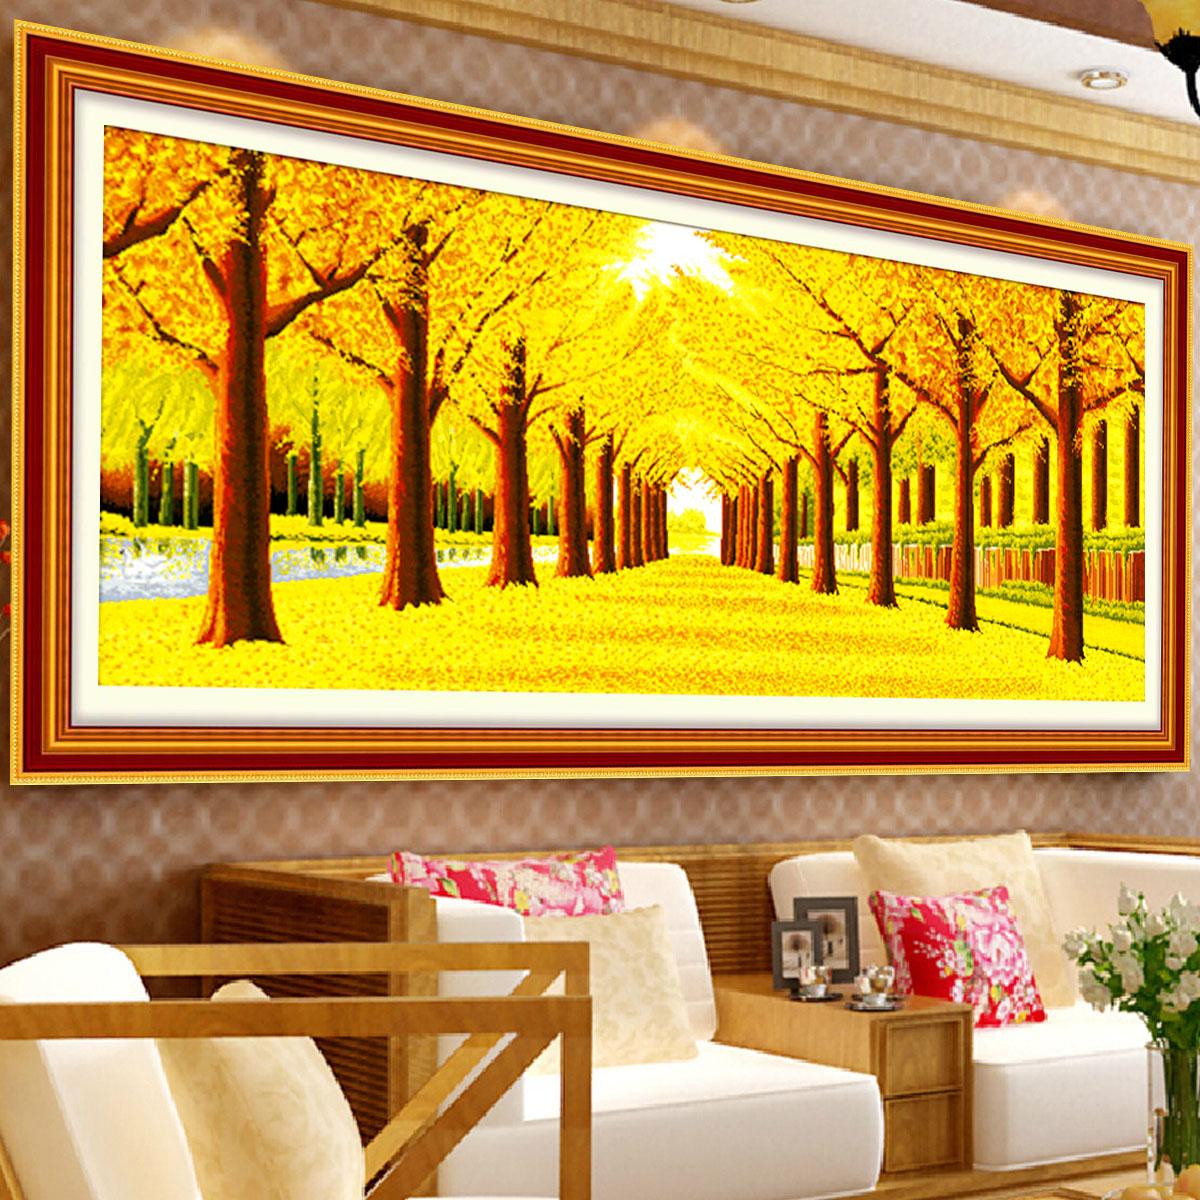 客厅大幅十字绣3米